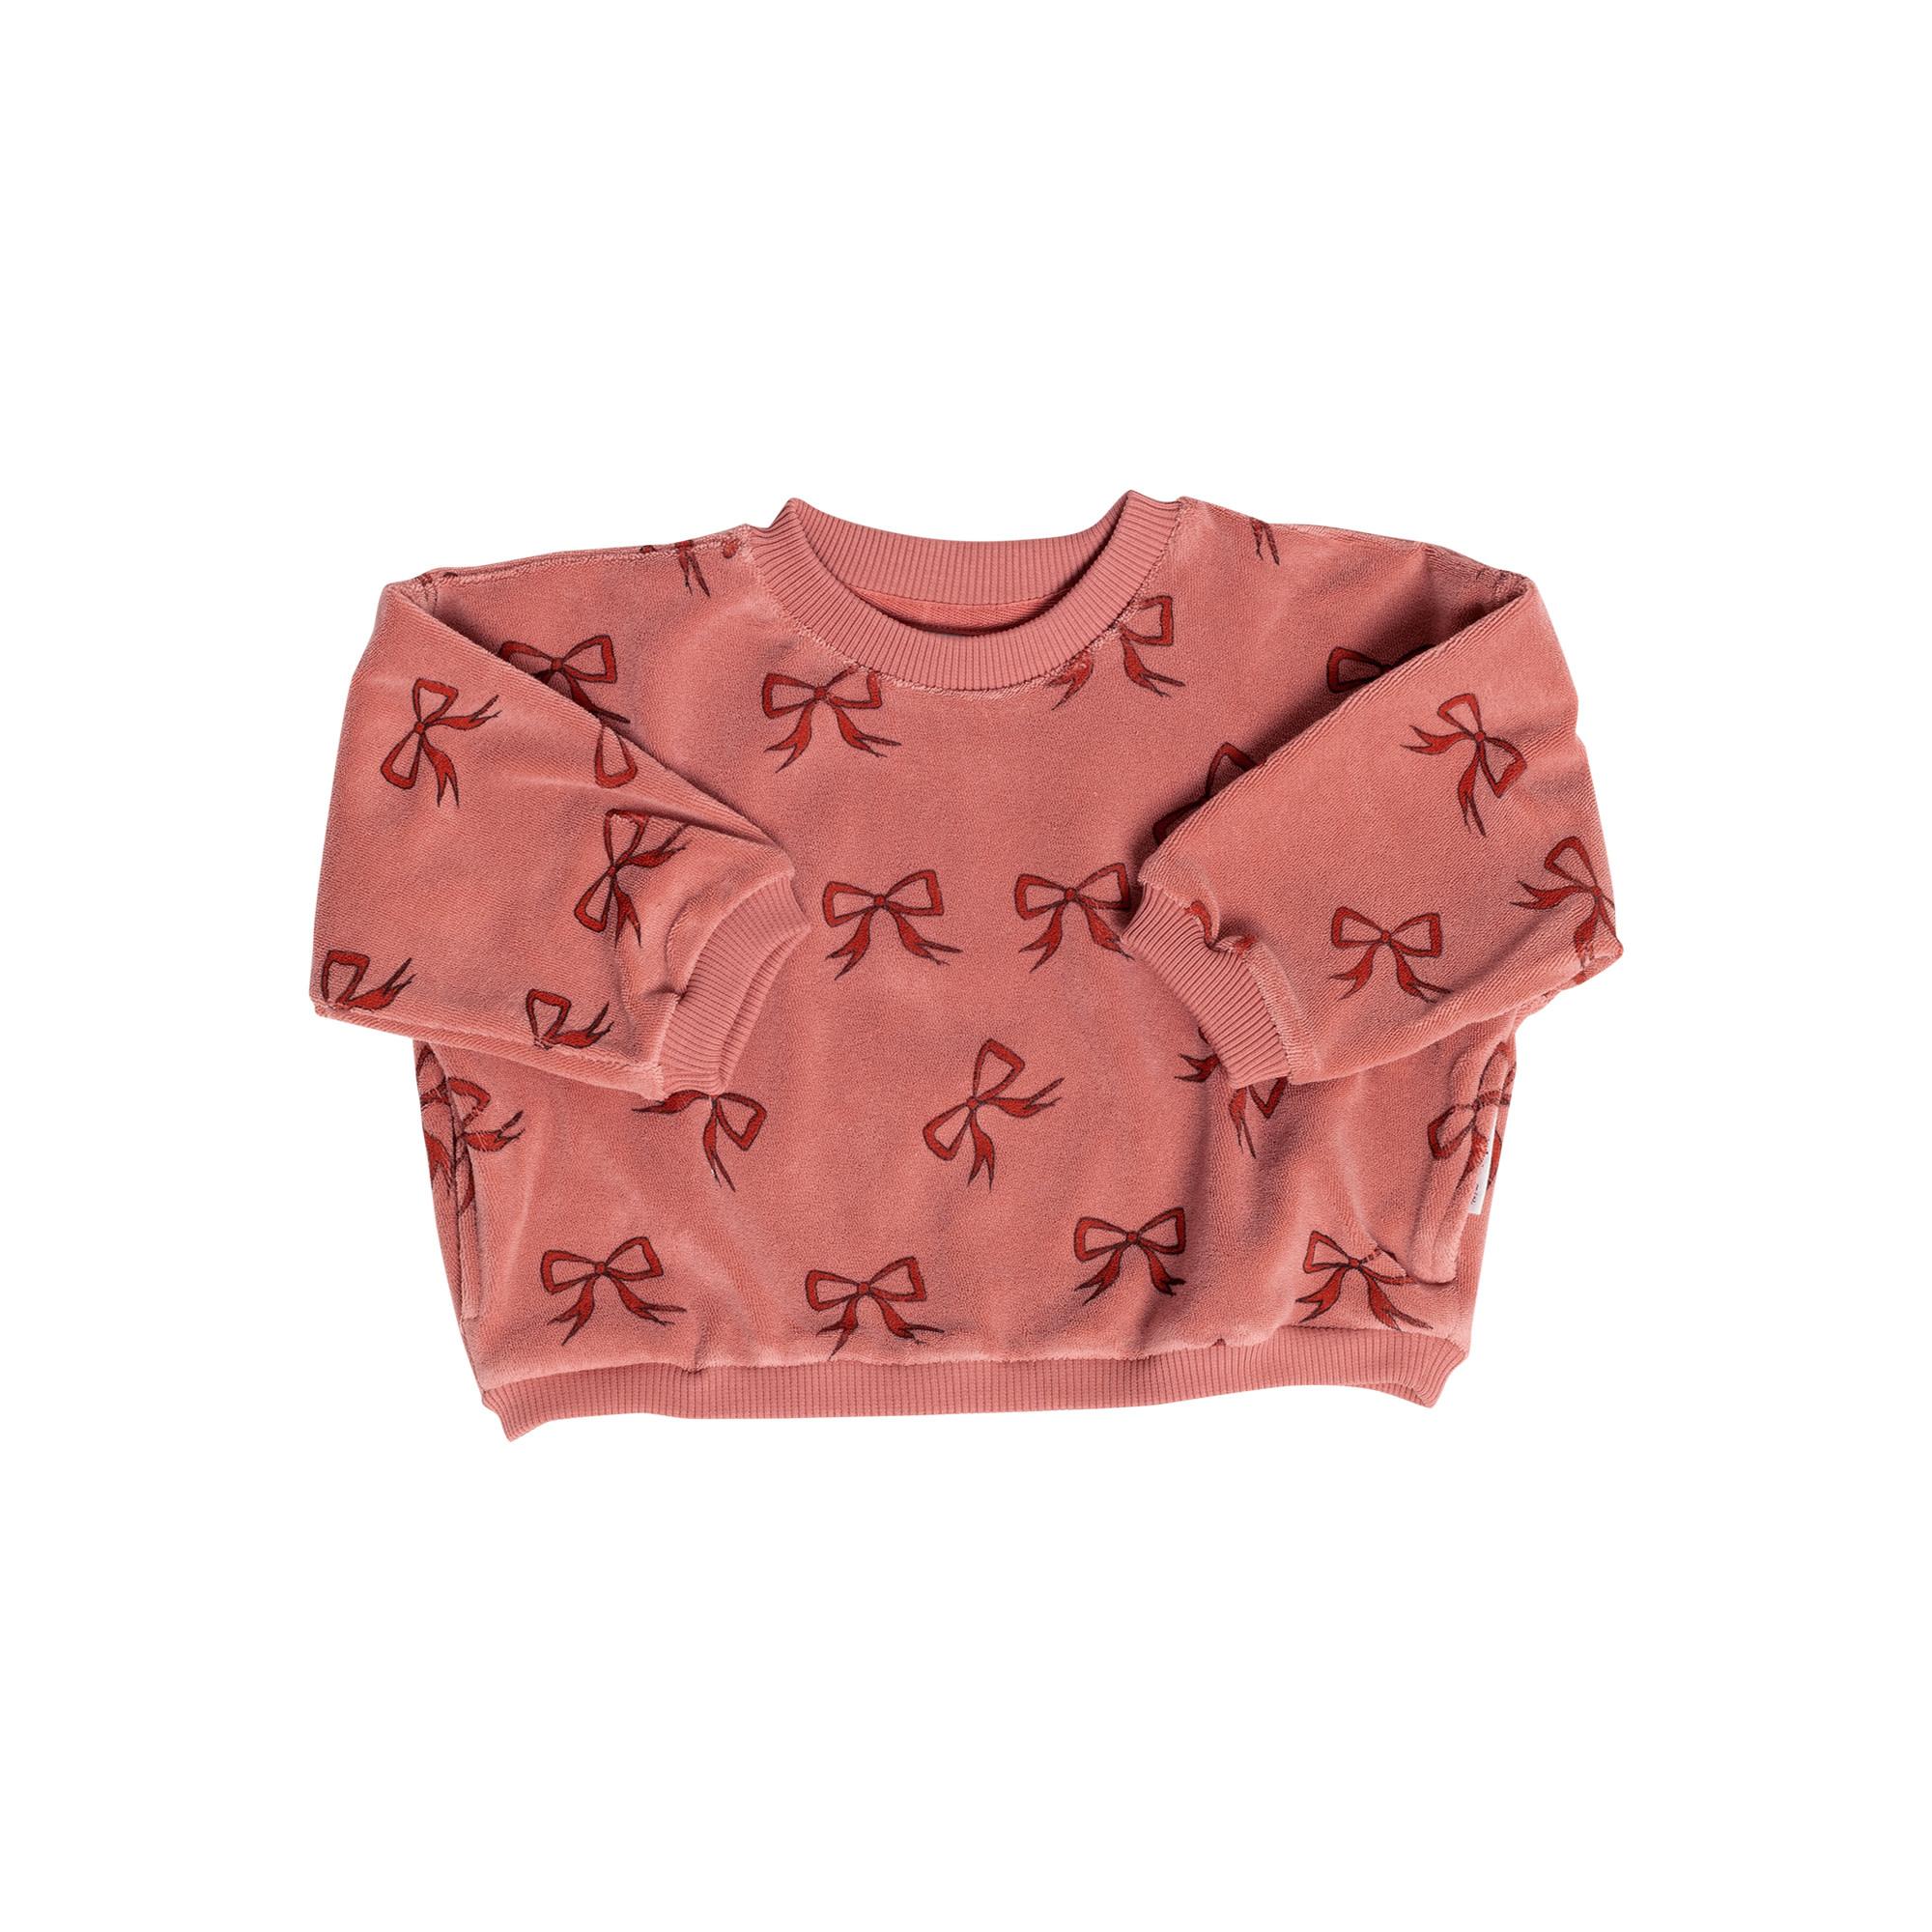 Bow bandicoot sweatshirt baby-1